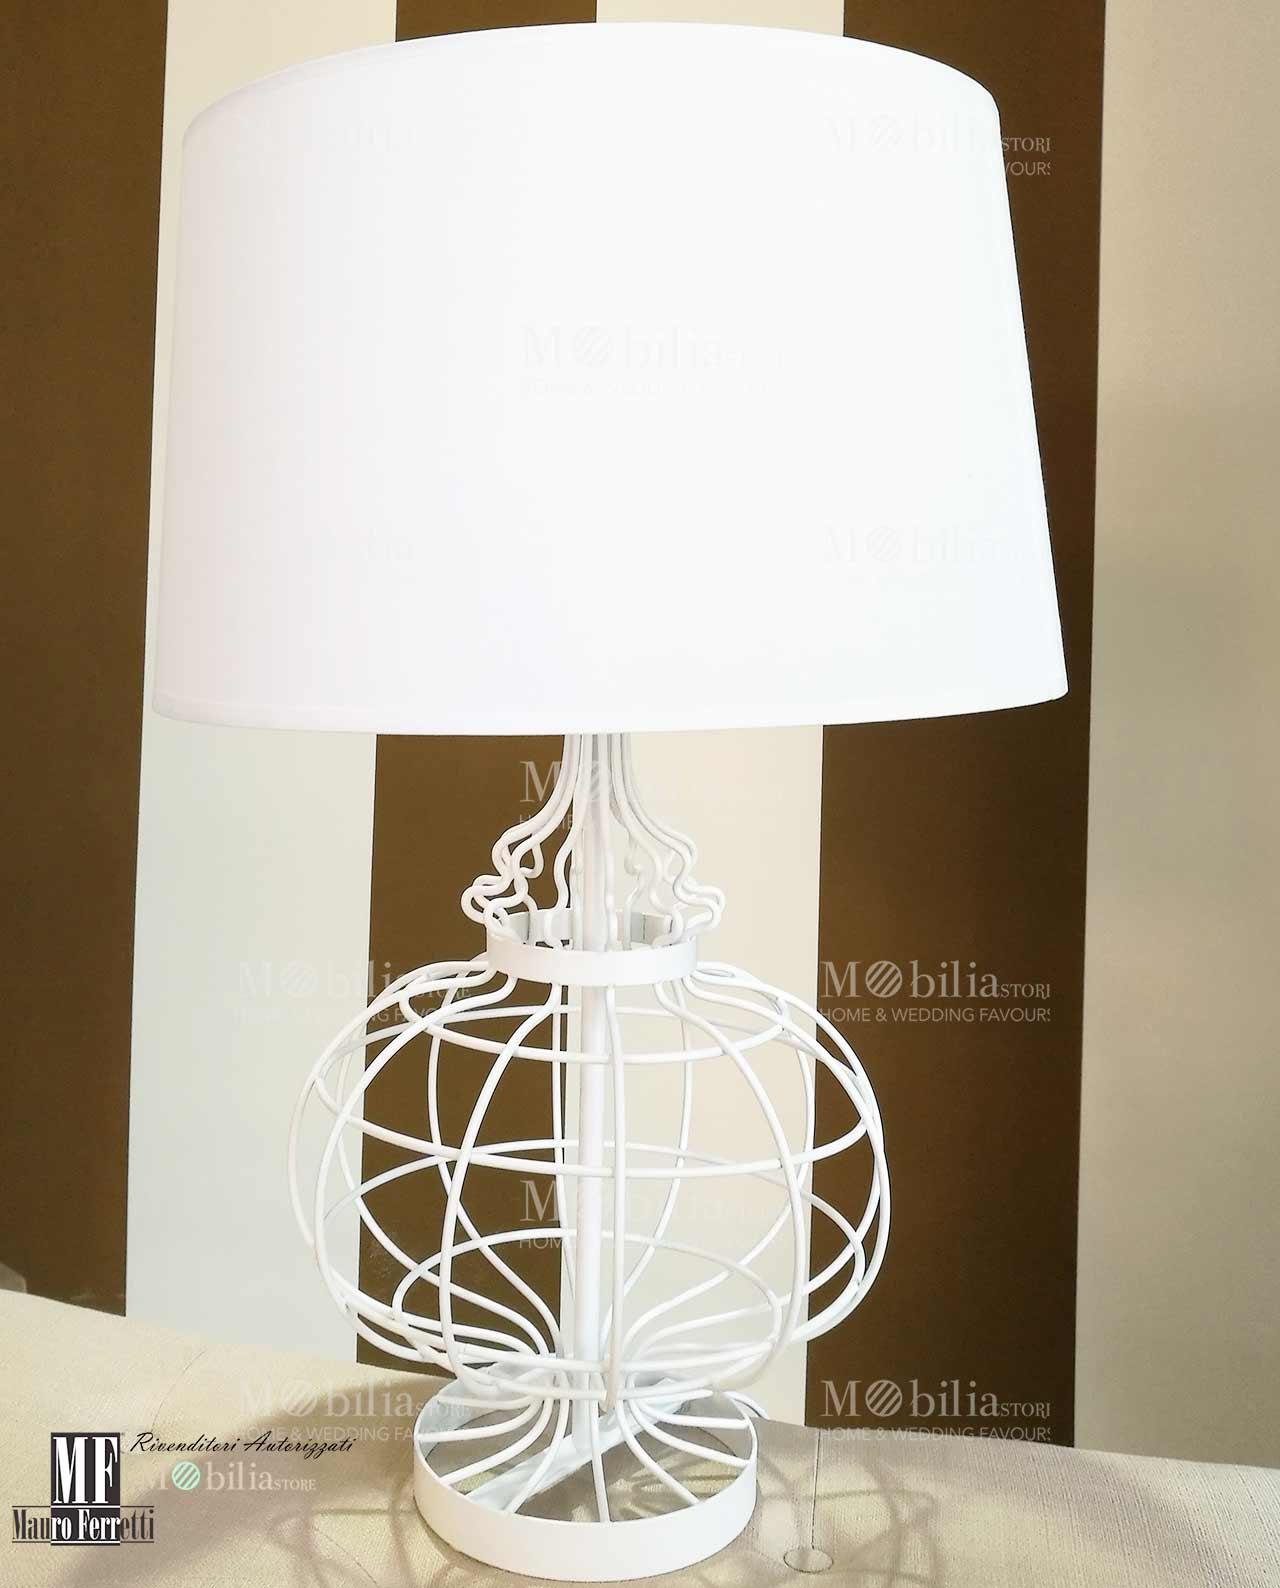 Lampada Design Da Tavolo Mobilia Store Home Favours